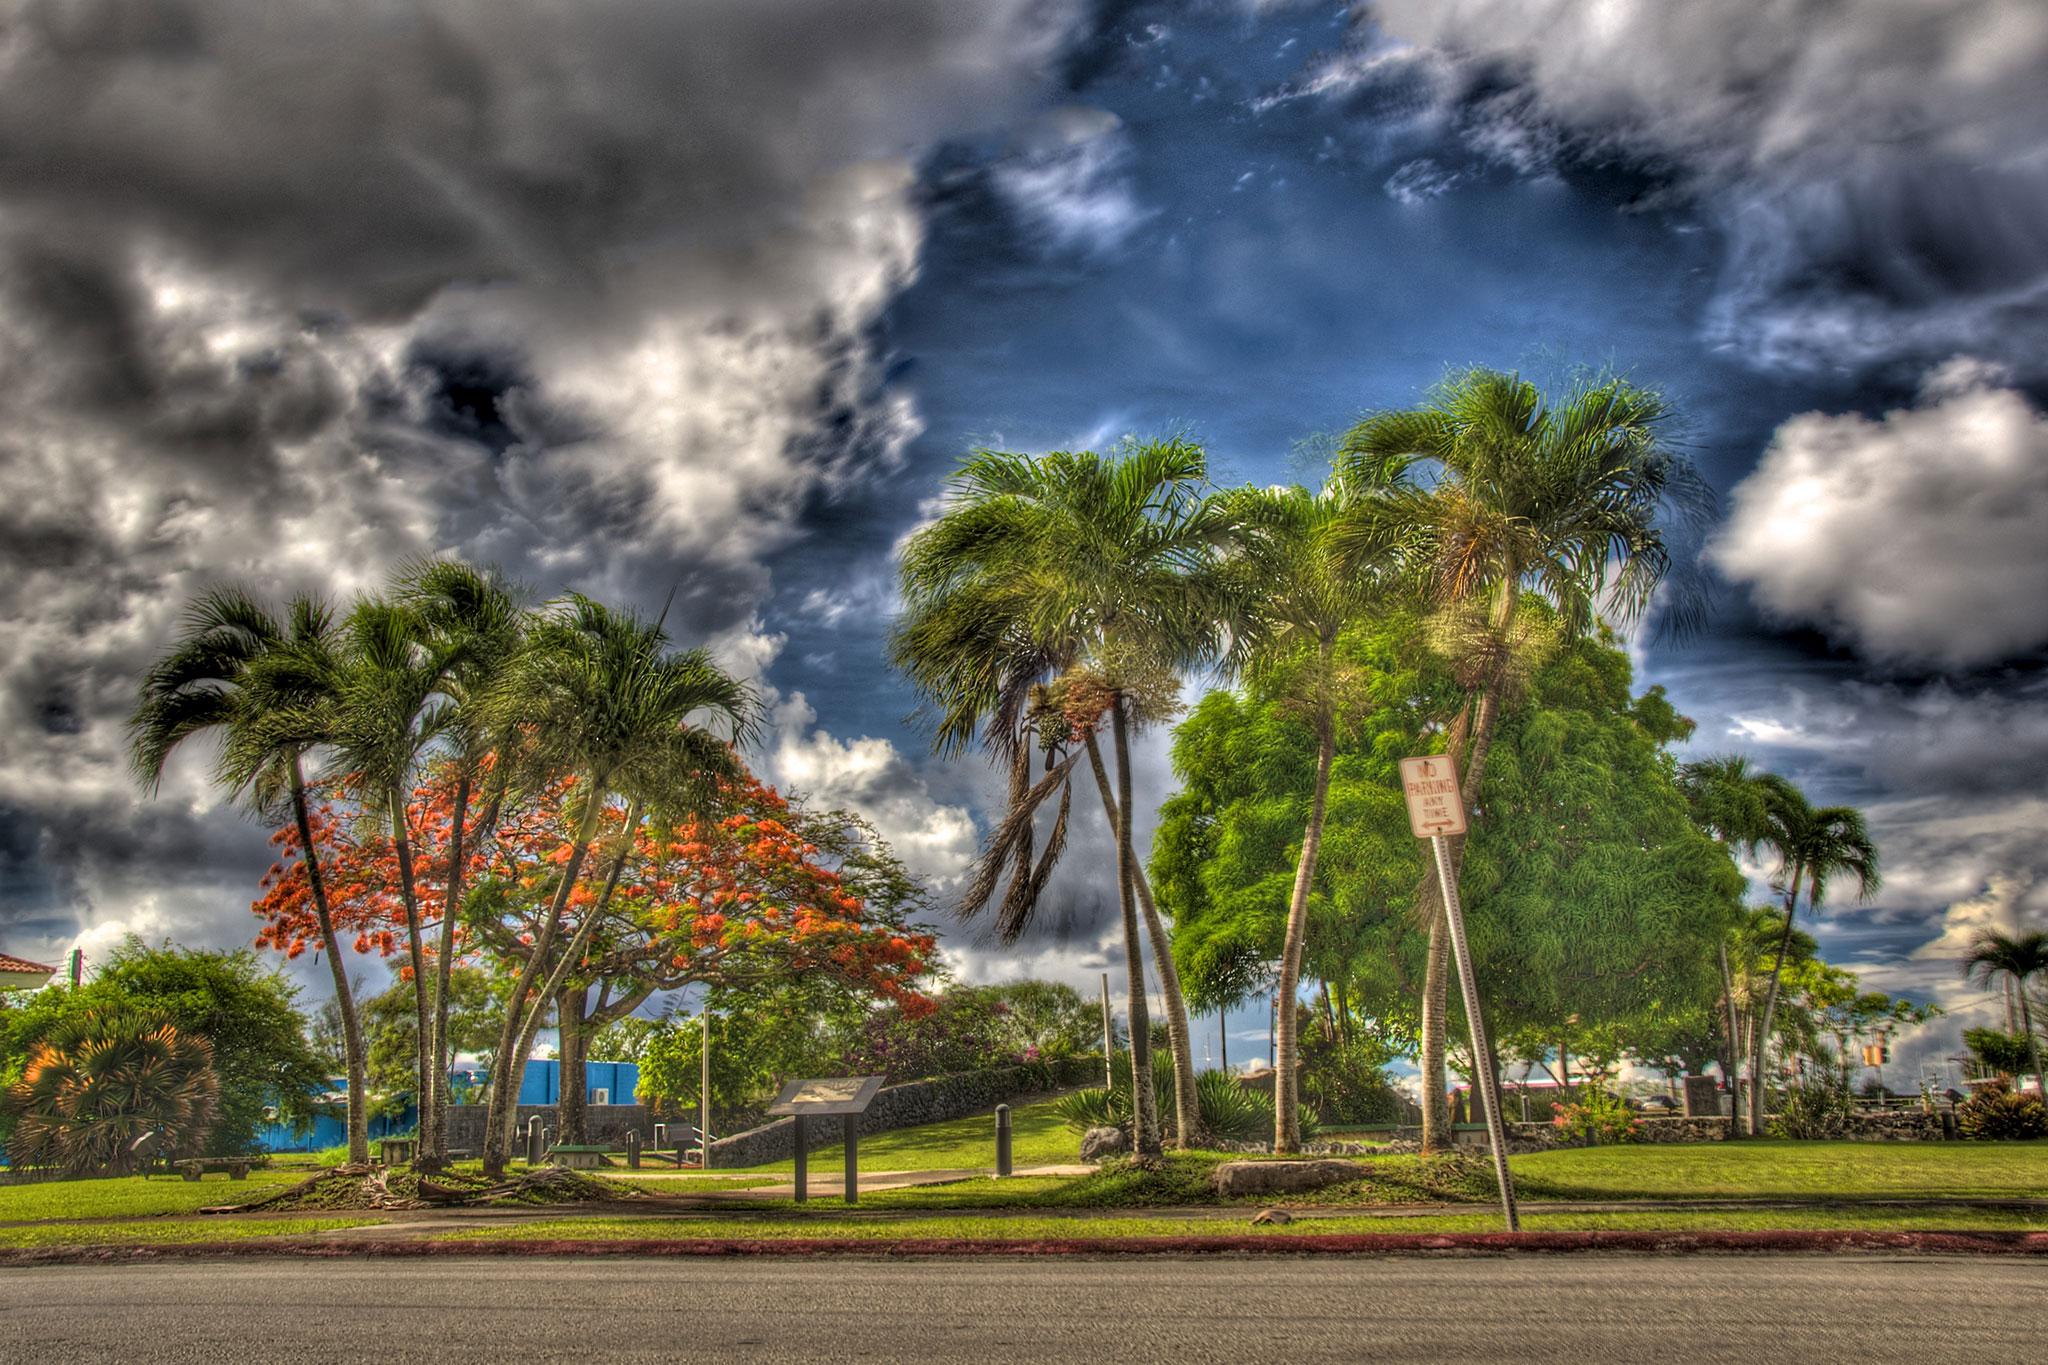 Sirena Park